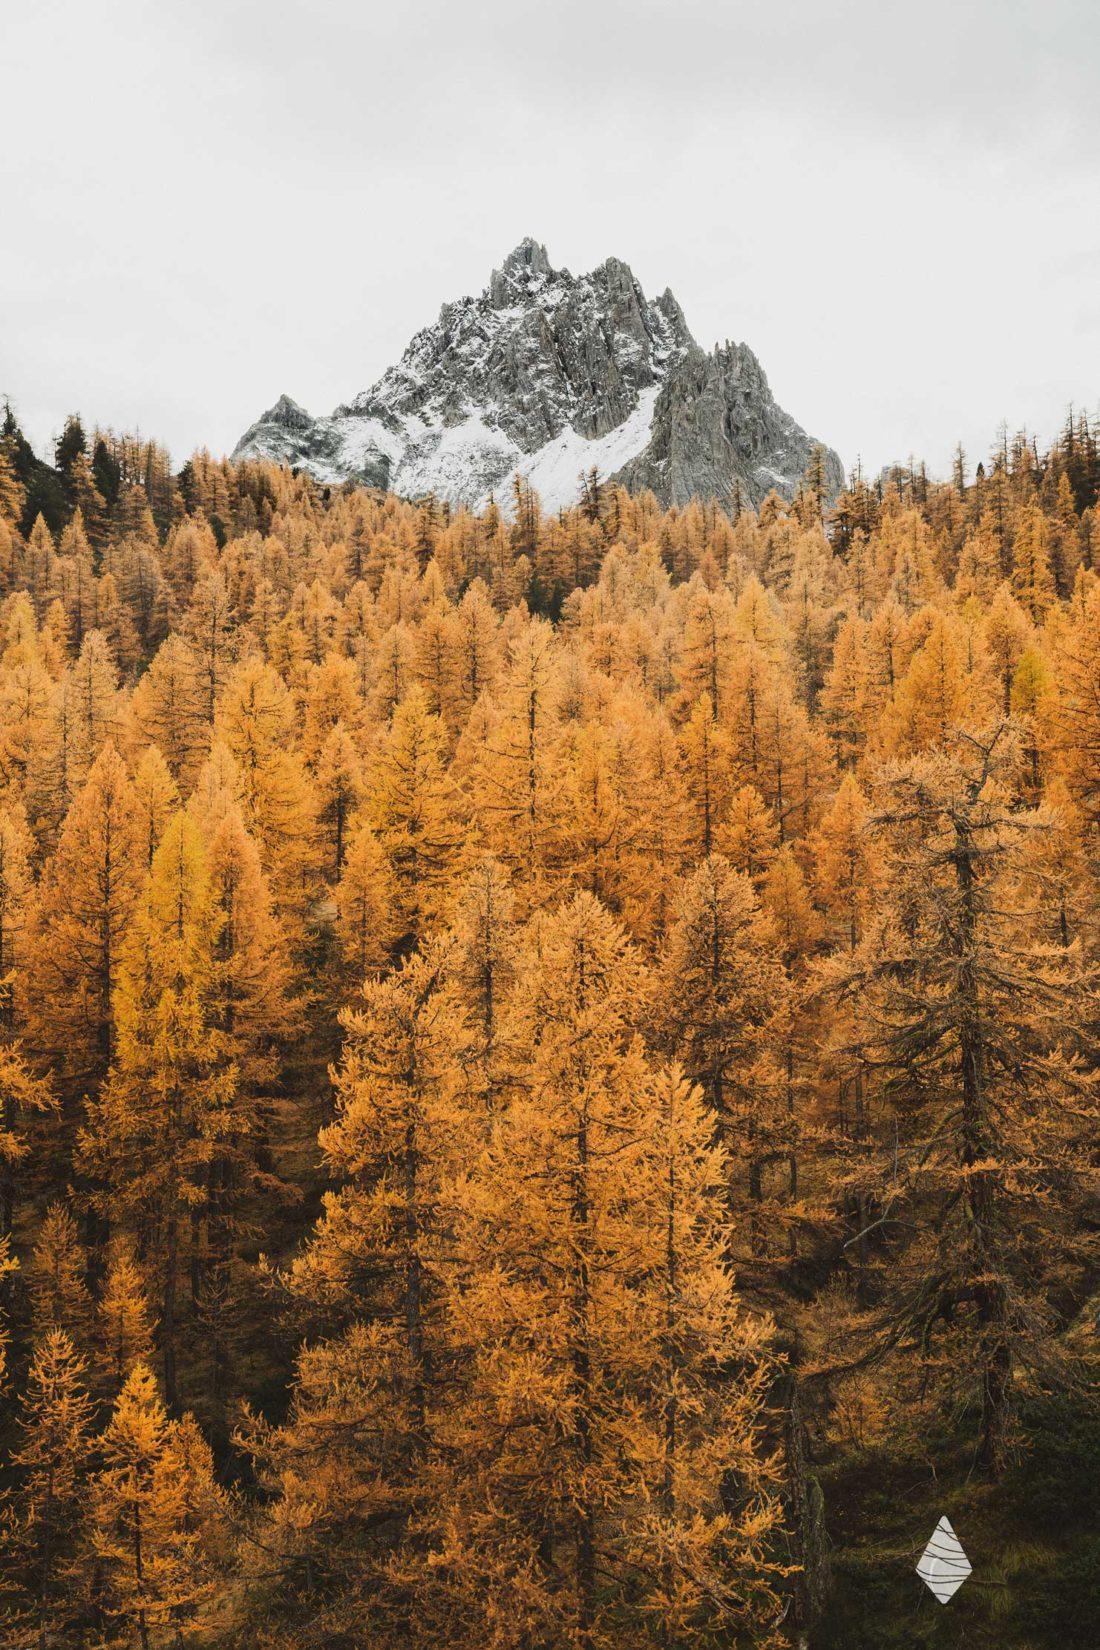 Photo d'une foret de mélèze en automne avec une montagne enneigée dans la vallée de la Clarée